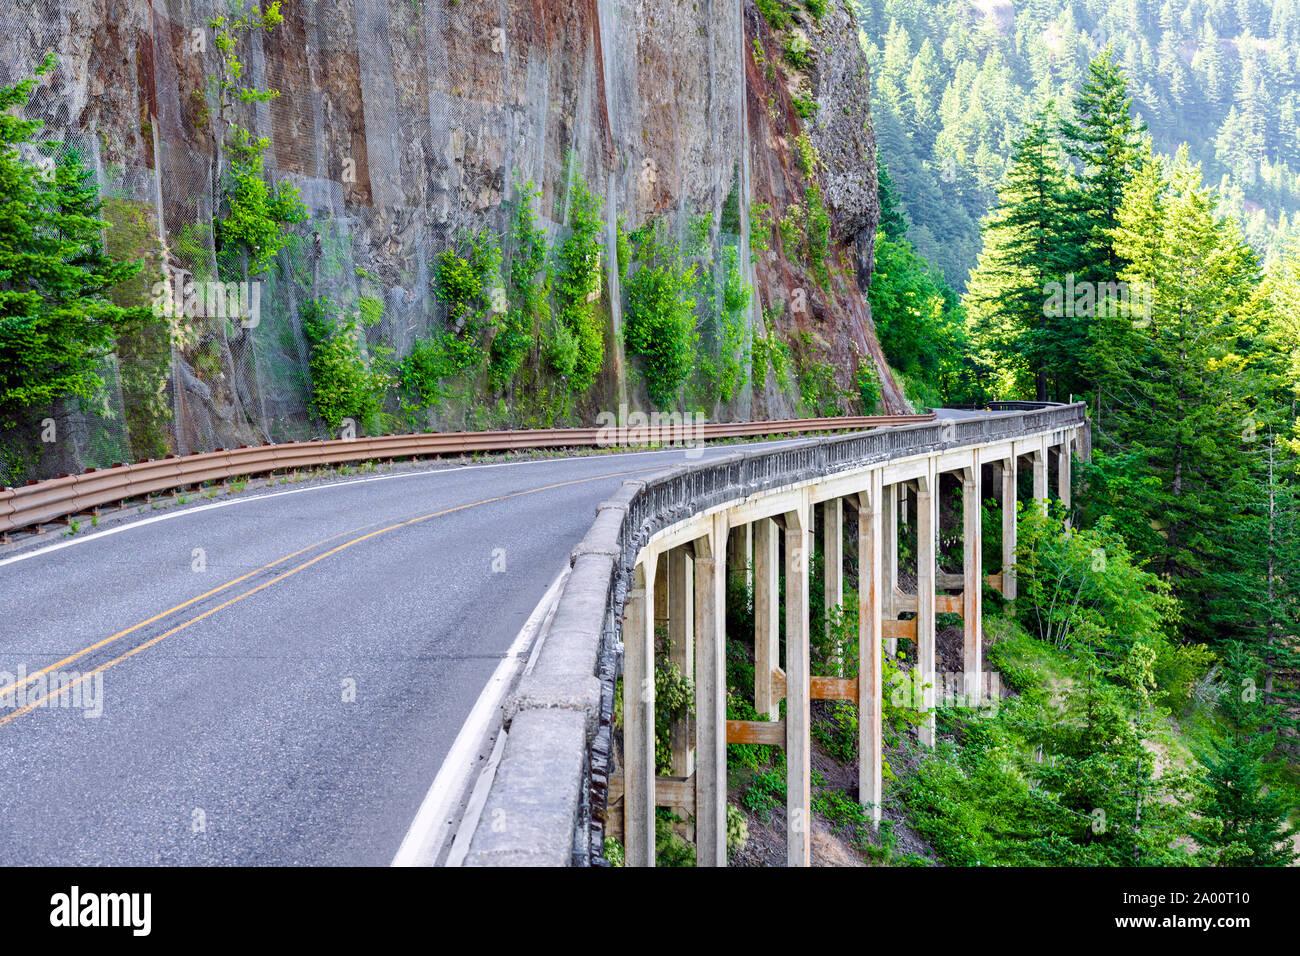 La sinuosa carretera protegida por el puente sobre el hormigón malecones alrededor de una montaña de roca en un lado y un abismo del otro lado en el espacio escénico o Foto de stock